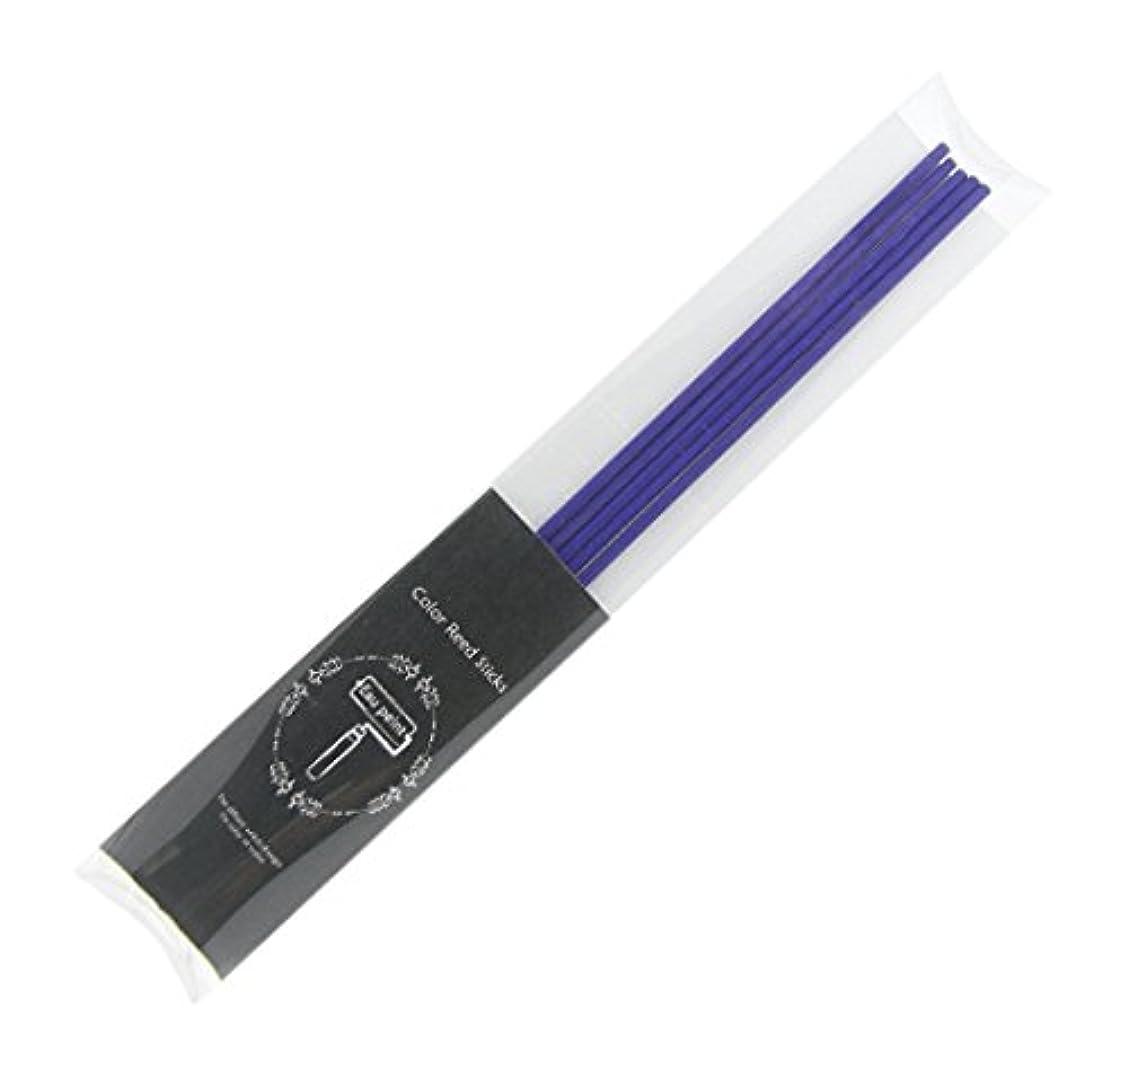 ロケット自分を引き上げるハリケーンEau peint mais+ カラースティック リードディフューザー用スティック 5本入 パープル Purple オーペイント マイス